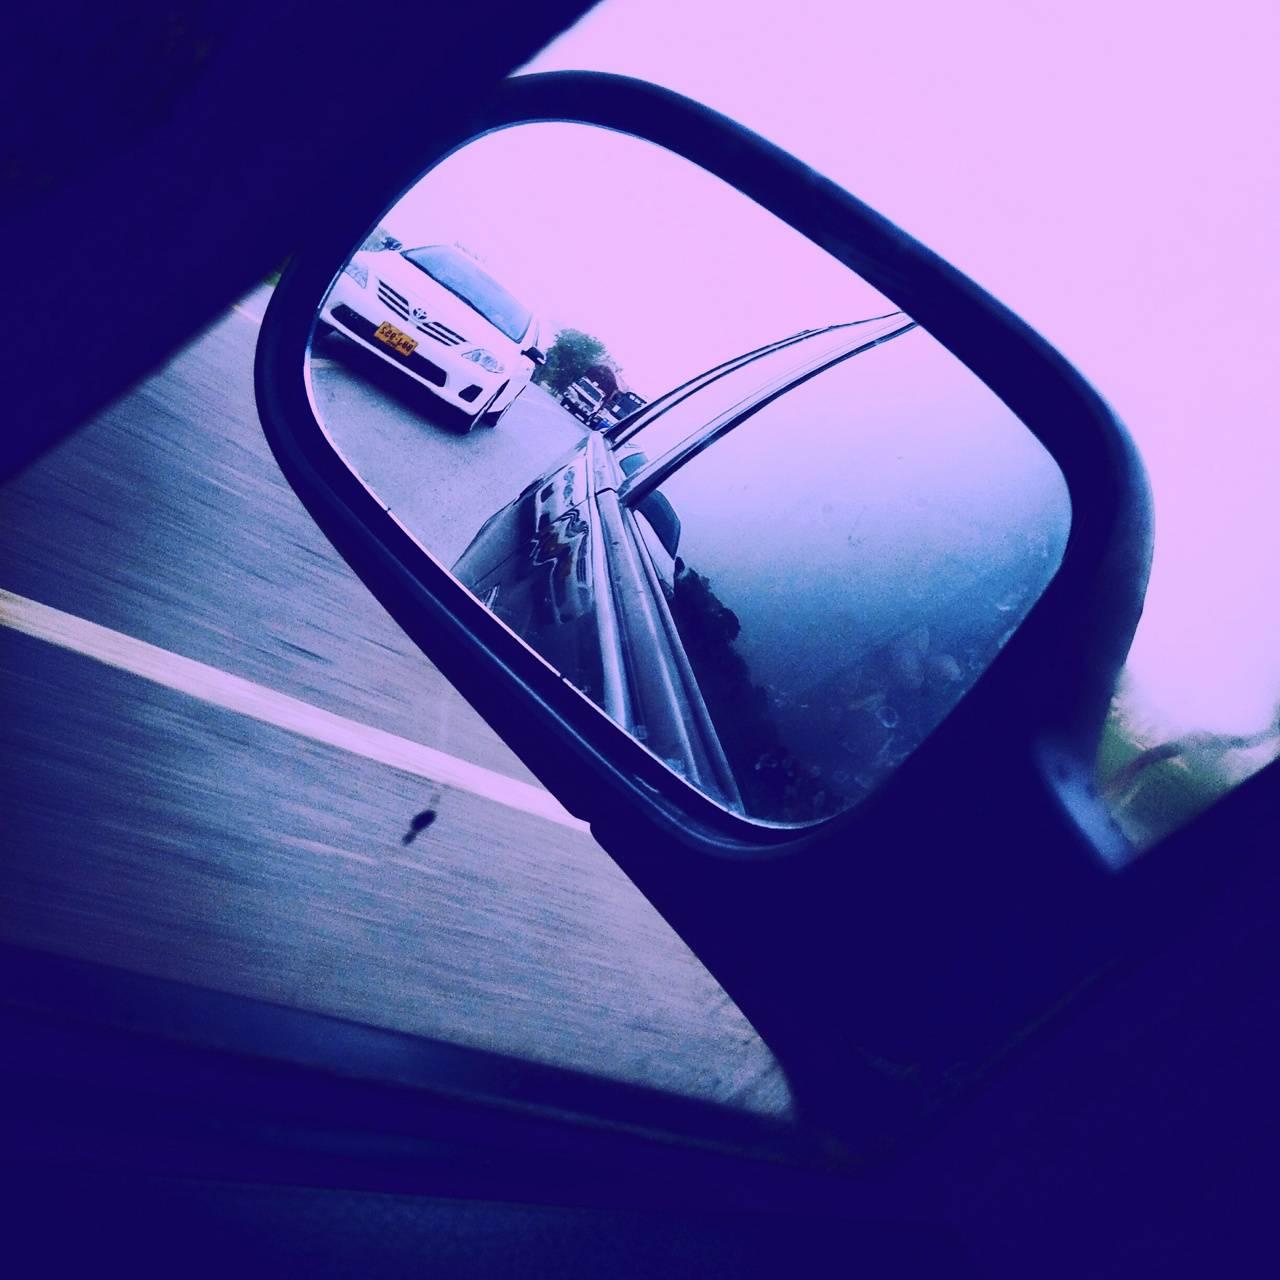 Car speed peer